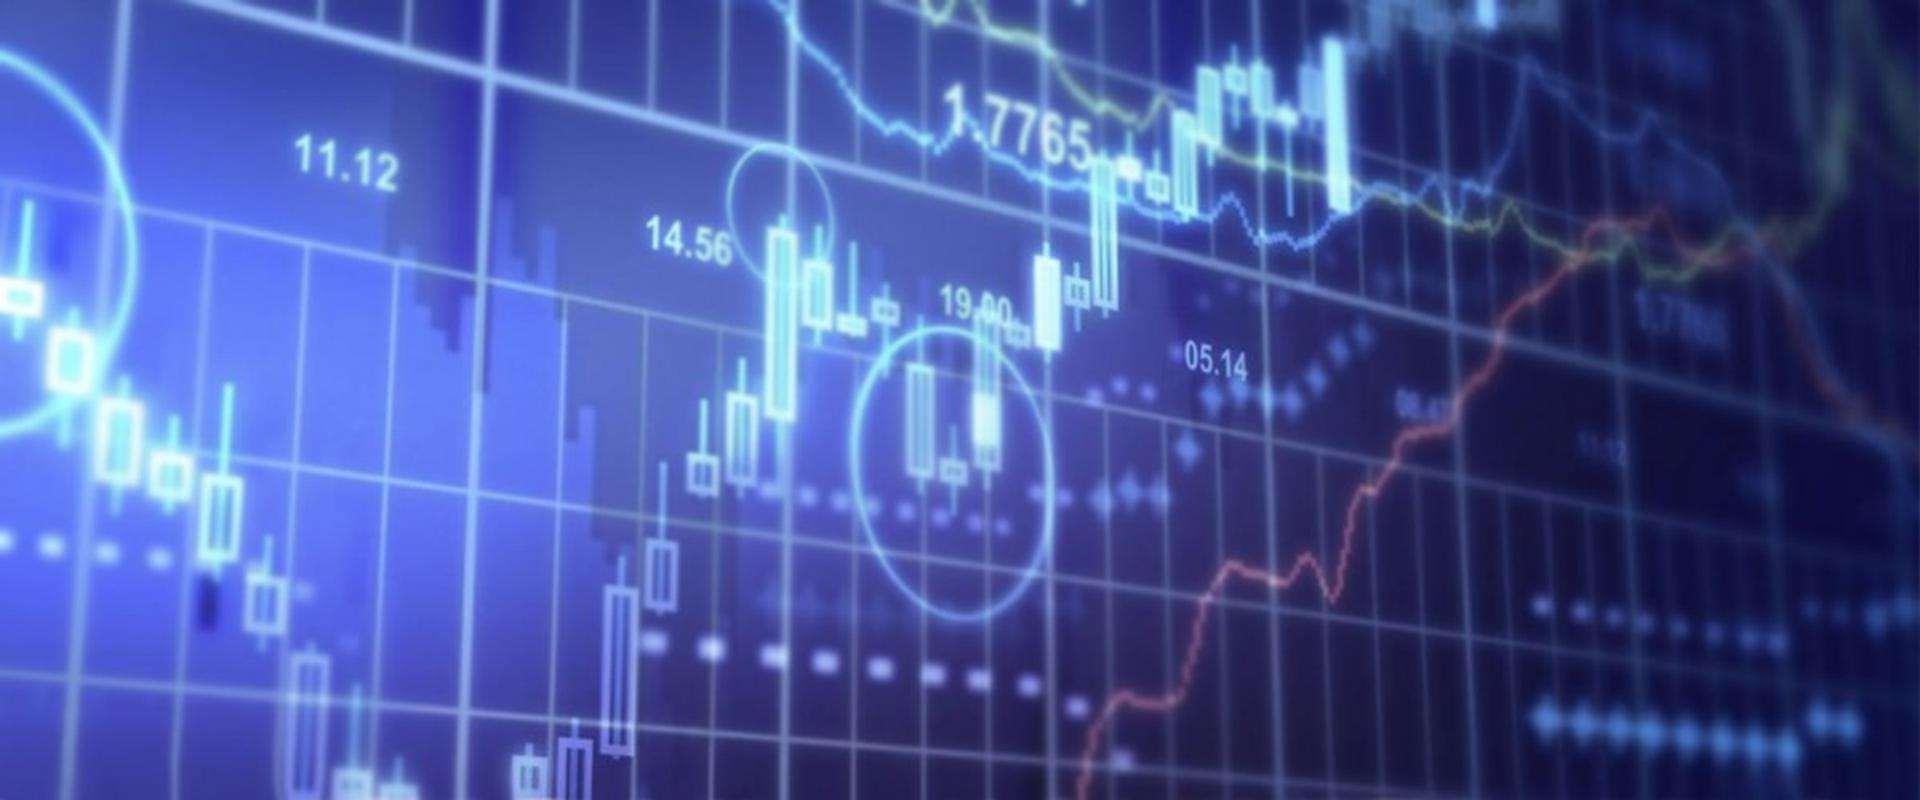 Бинарные опционы от 1 доллара: как заработать